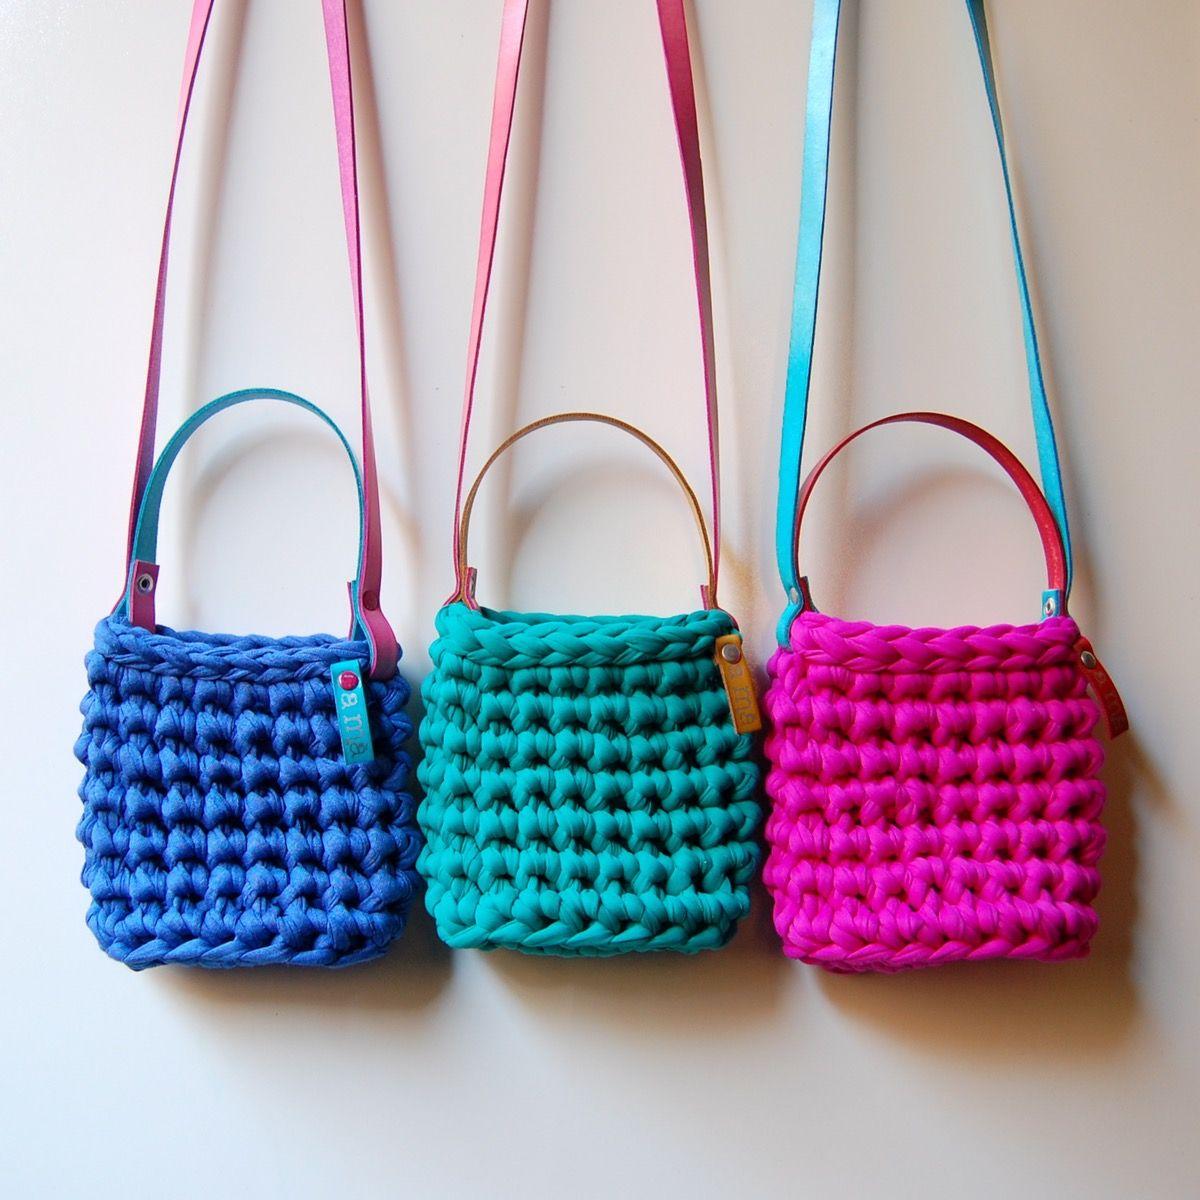 sitio autorizado liberar información sobre reunirse Bolso para niñas, tipo bandolera. Tejida a crochet con ...